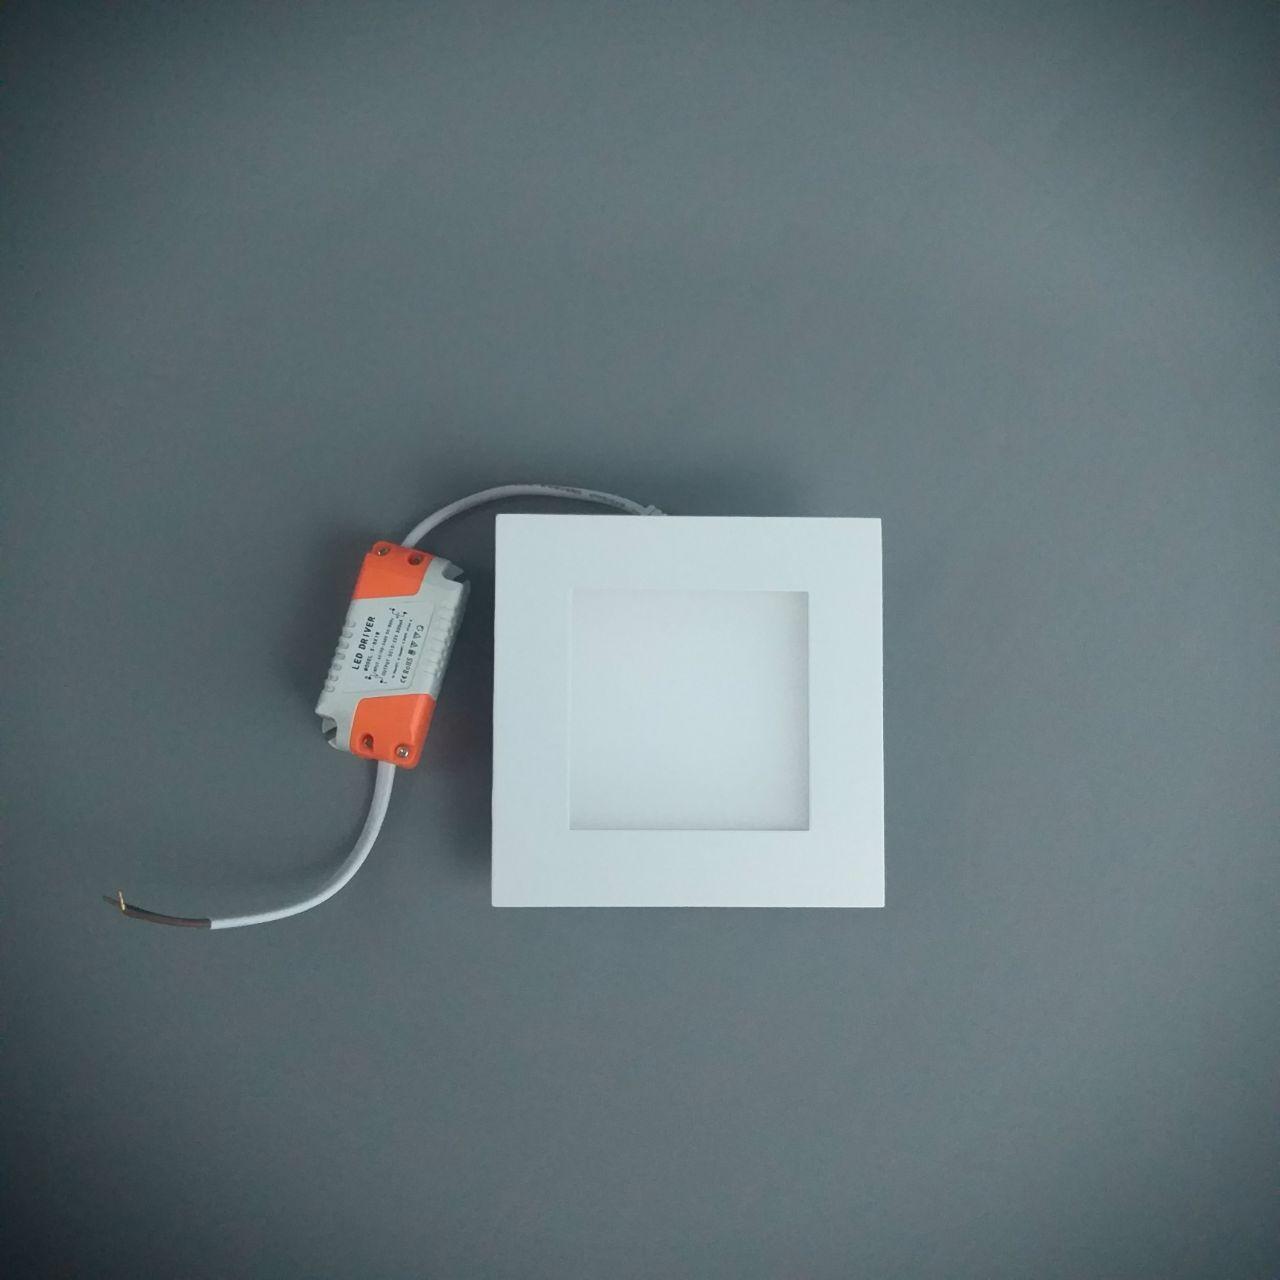 Світлодіодна панель S01015.1 WW 120x120 3000K 8W